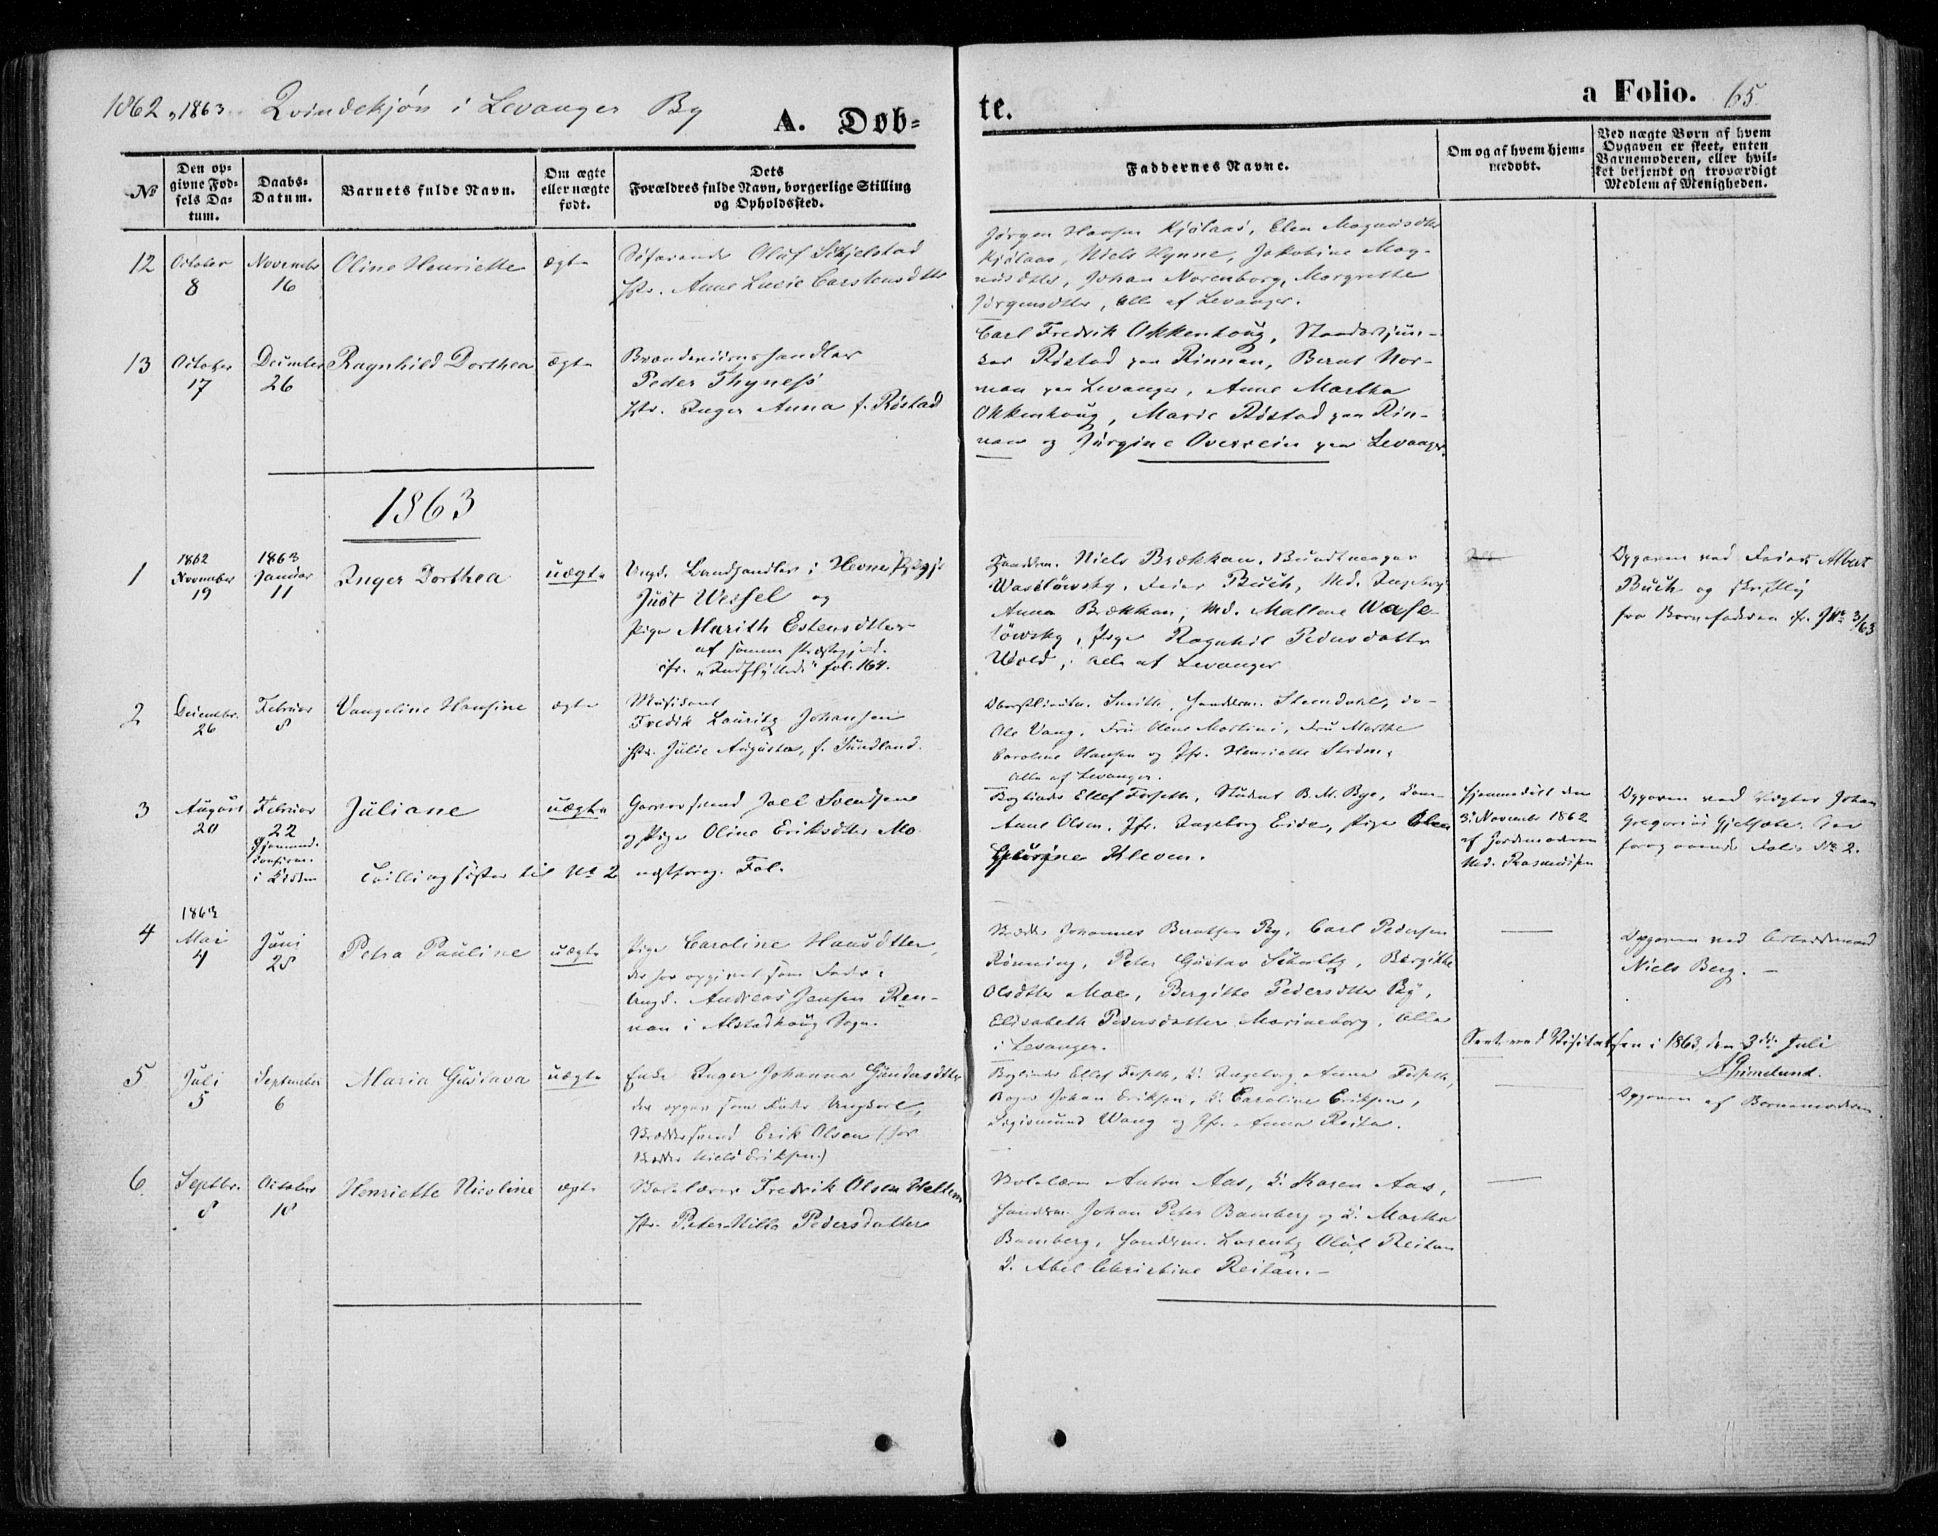 SAT, Ministerialprotokoller, klokkerbøker og fødselsregistre - Nord-Trøndelag, 720/L0184: Ministerialbok nr. 720A02 /1, 1855-1863, s. 65